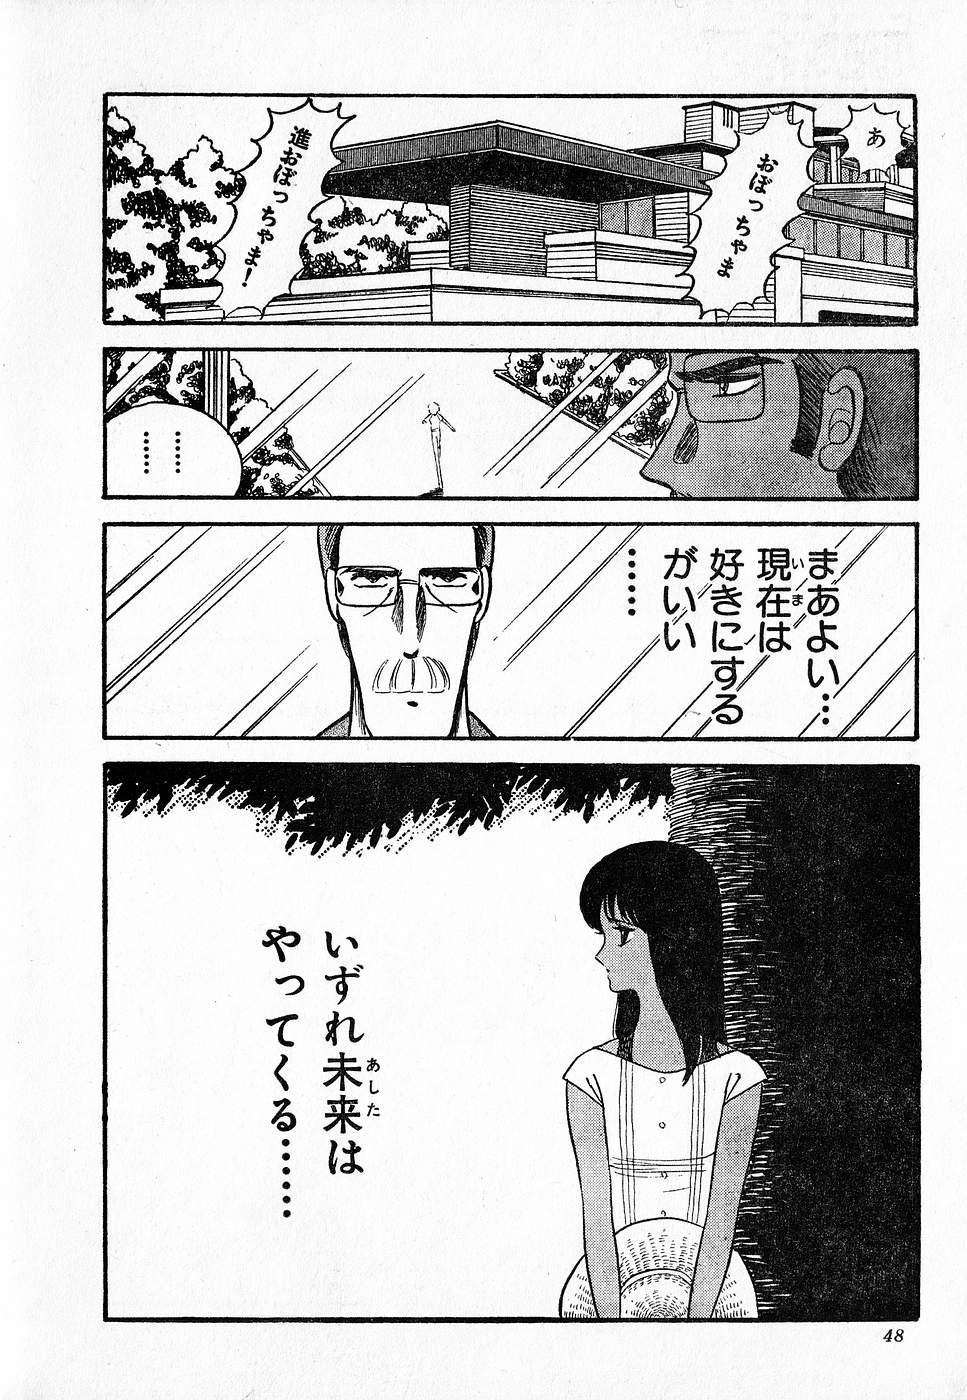 COMIC Lolipop 1985-10 Soukanjunbigou Aki 47